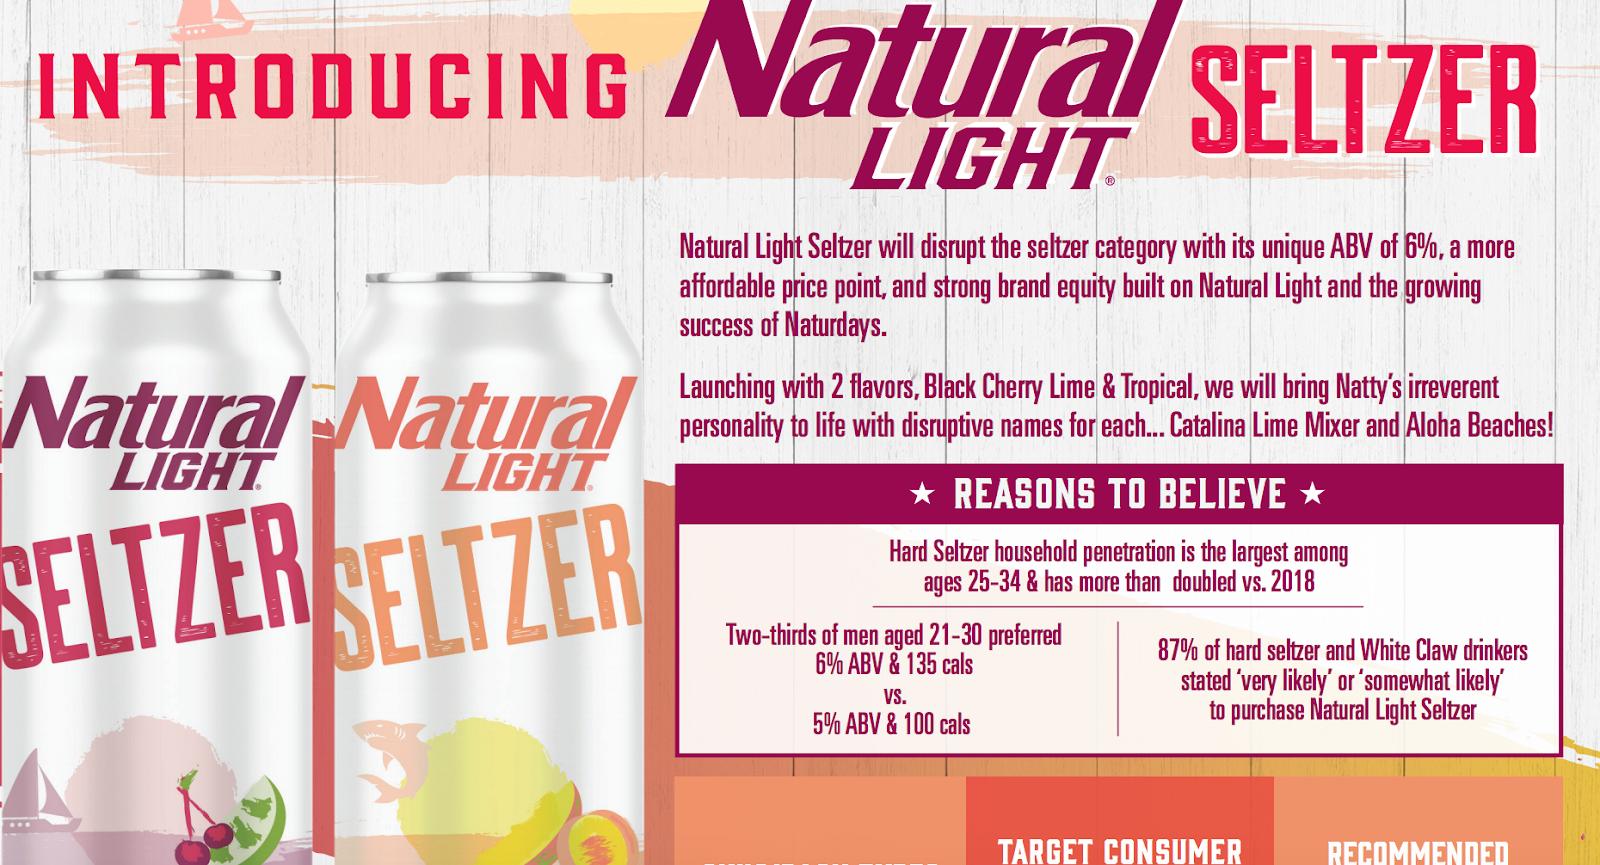 New Natural Light Seltzer Hard Seltzer Meets Beer Pong Will